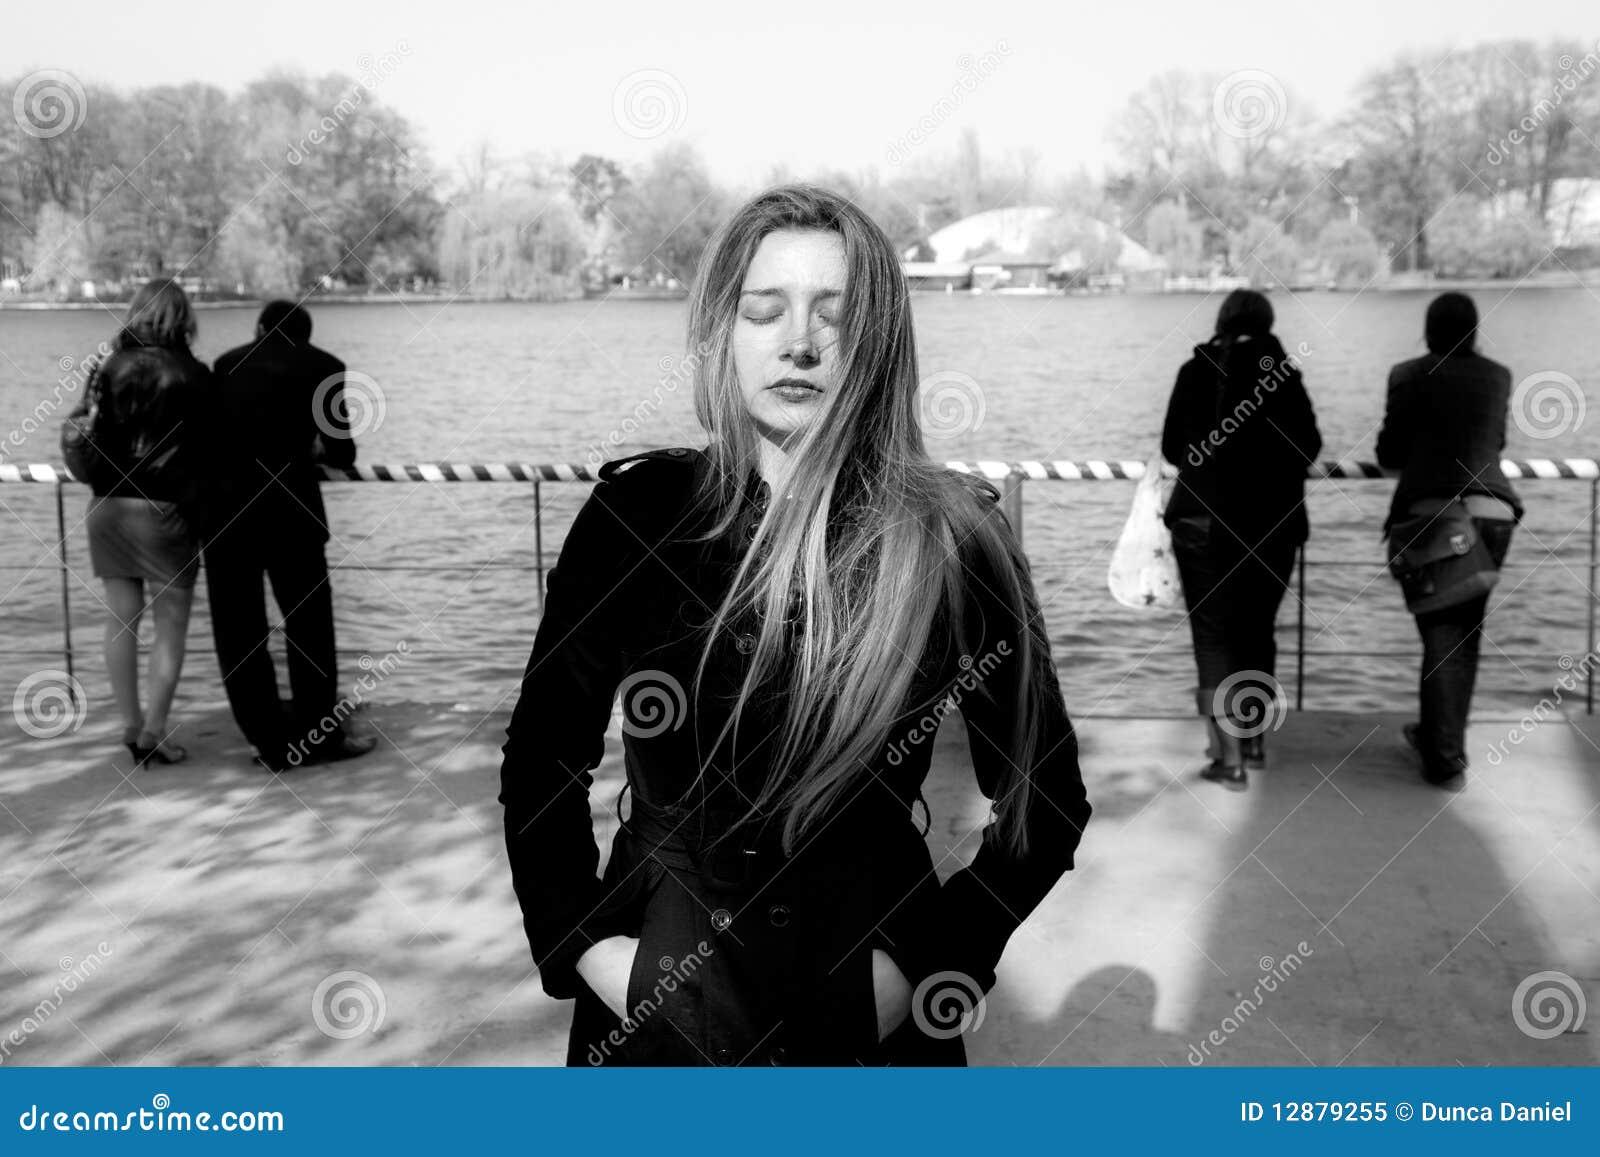 Isolação social - mulher infeliz só triste